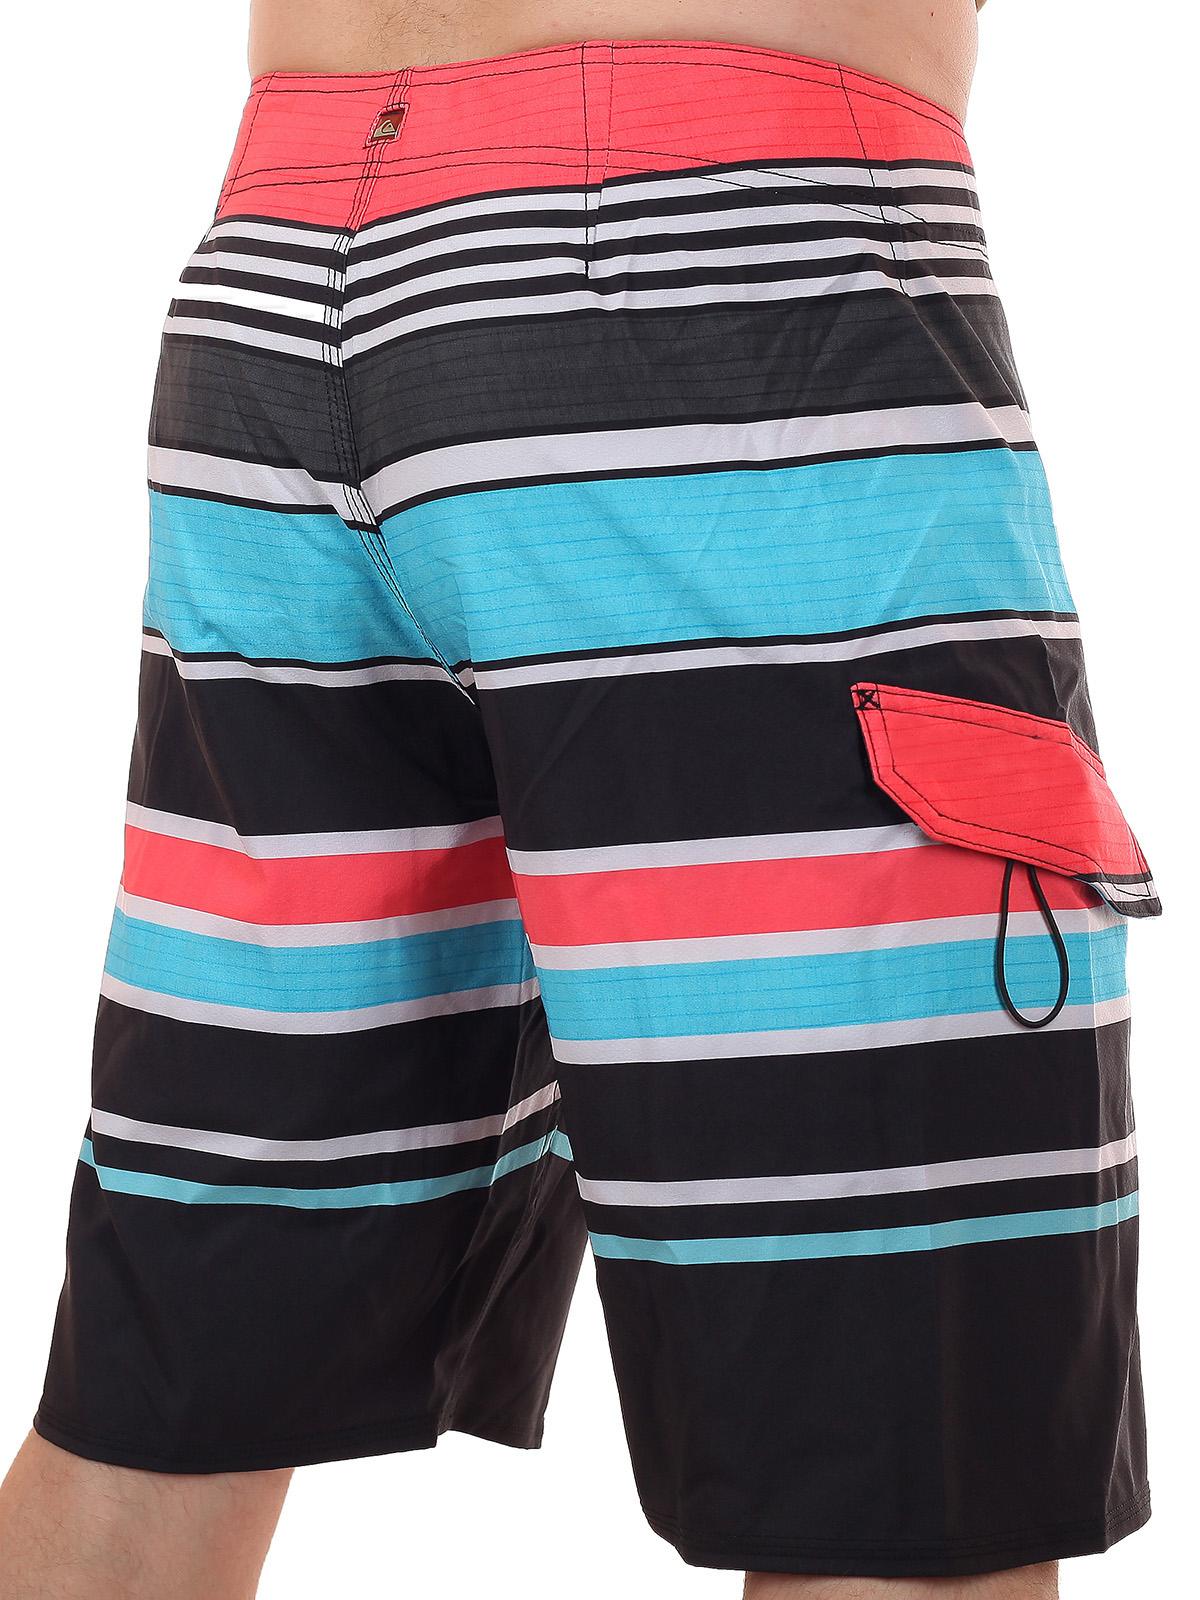 Недорогие спортивные шорты для плавания